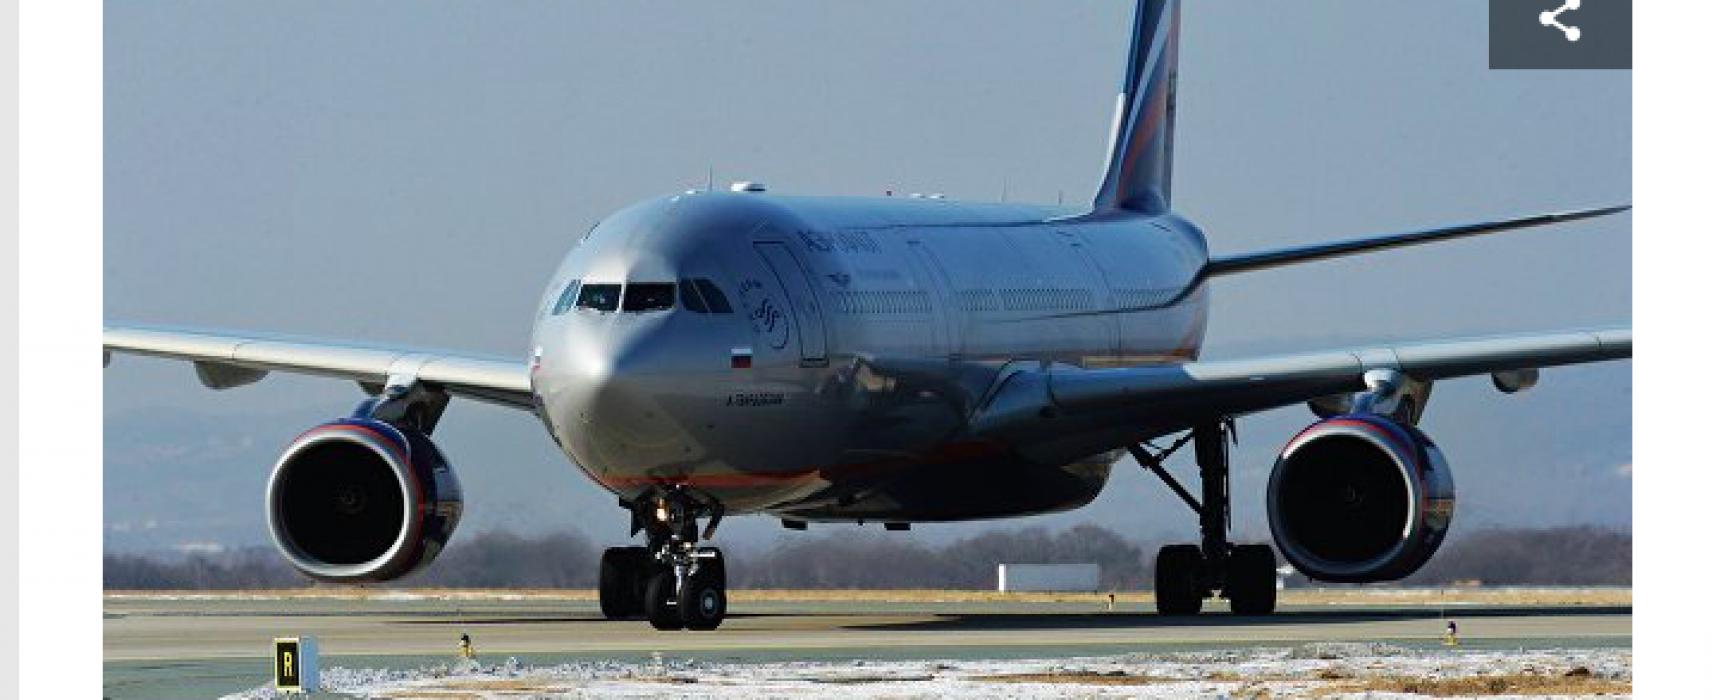 Fake: London entschuldigt sich für die Durchsuchung eines Aeroflot-Flugzeugs